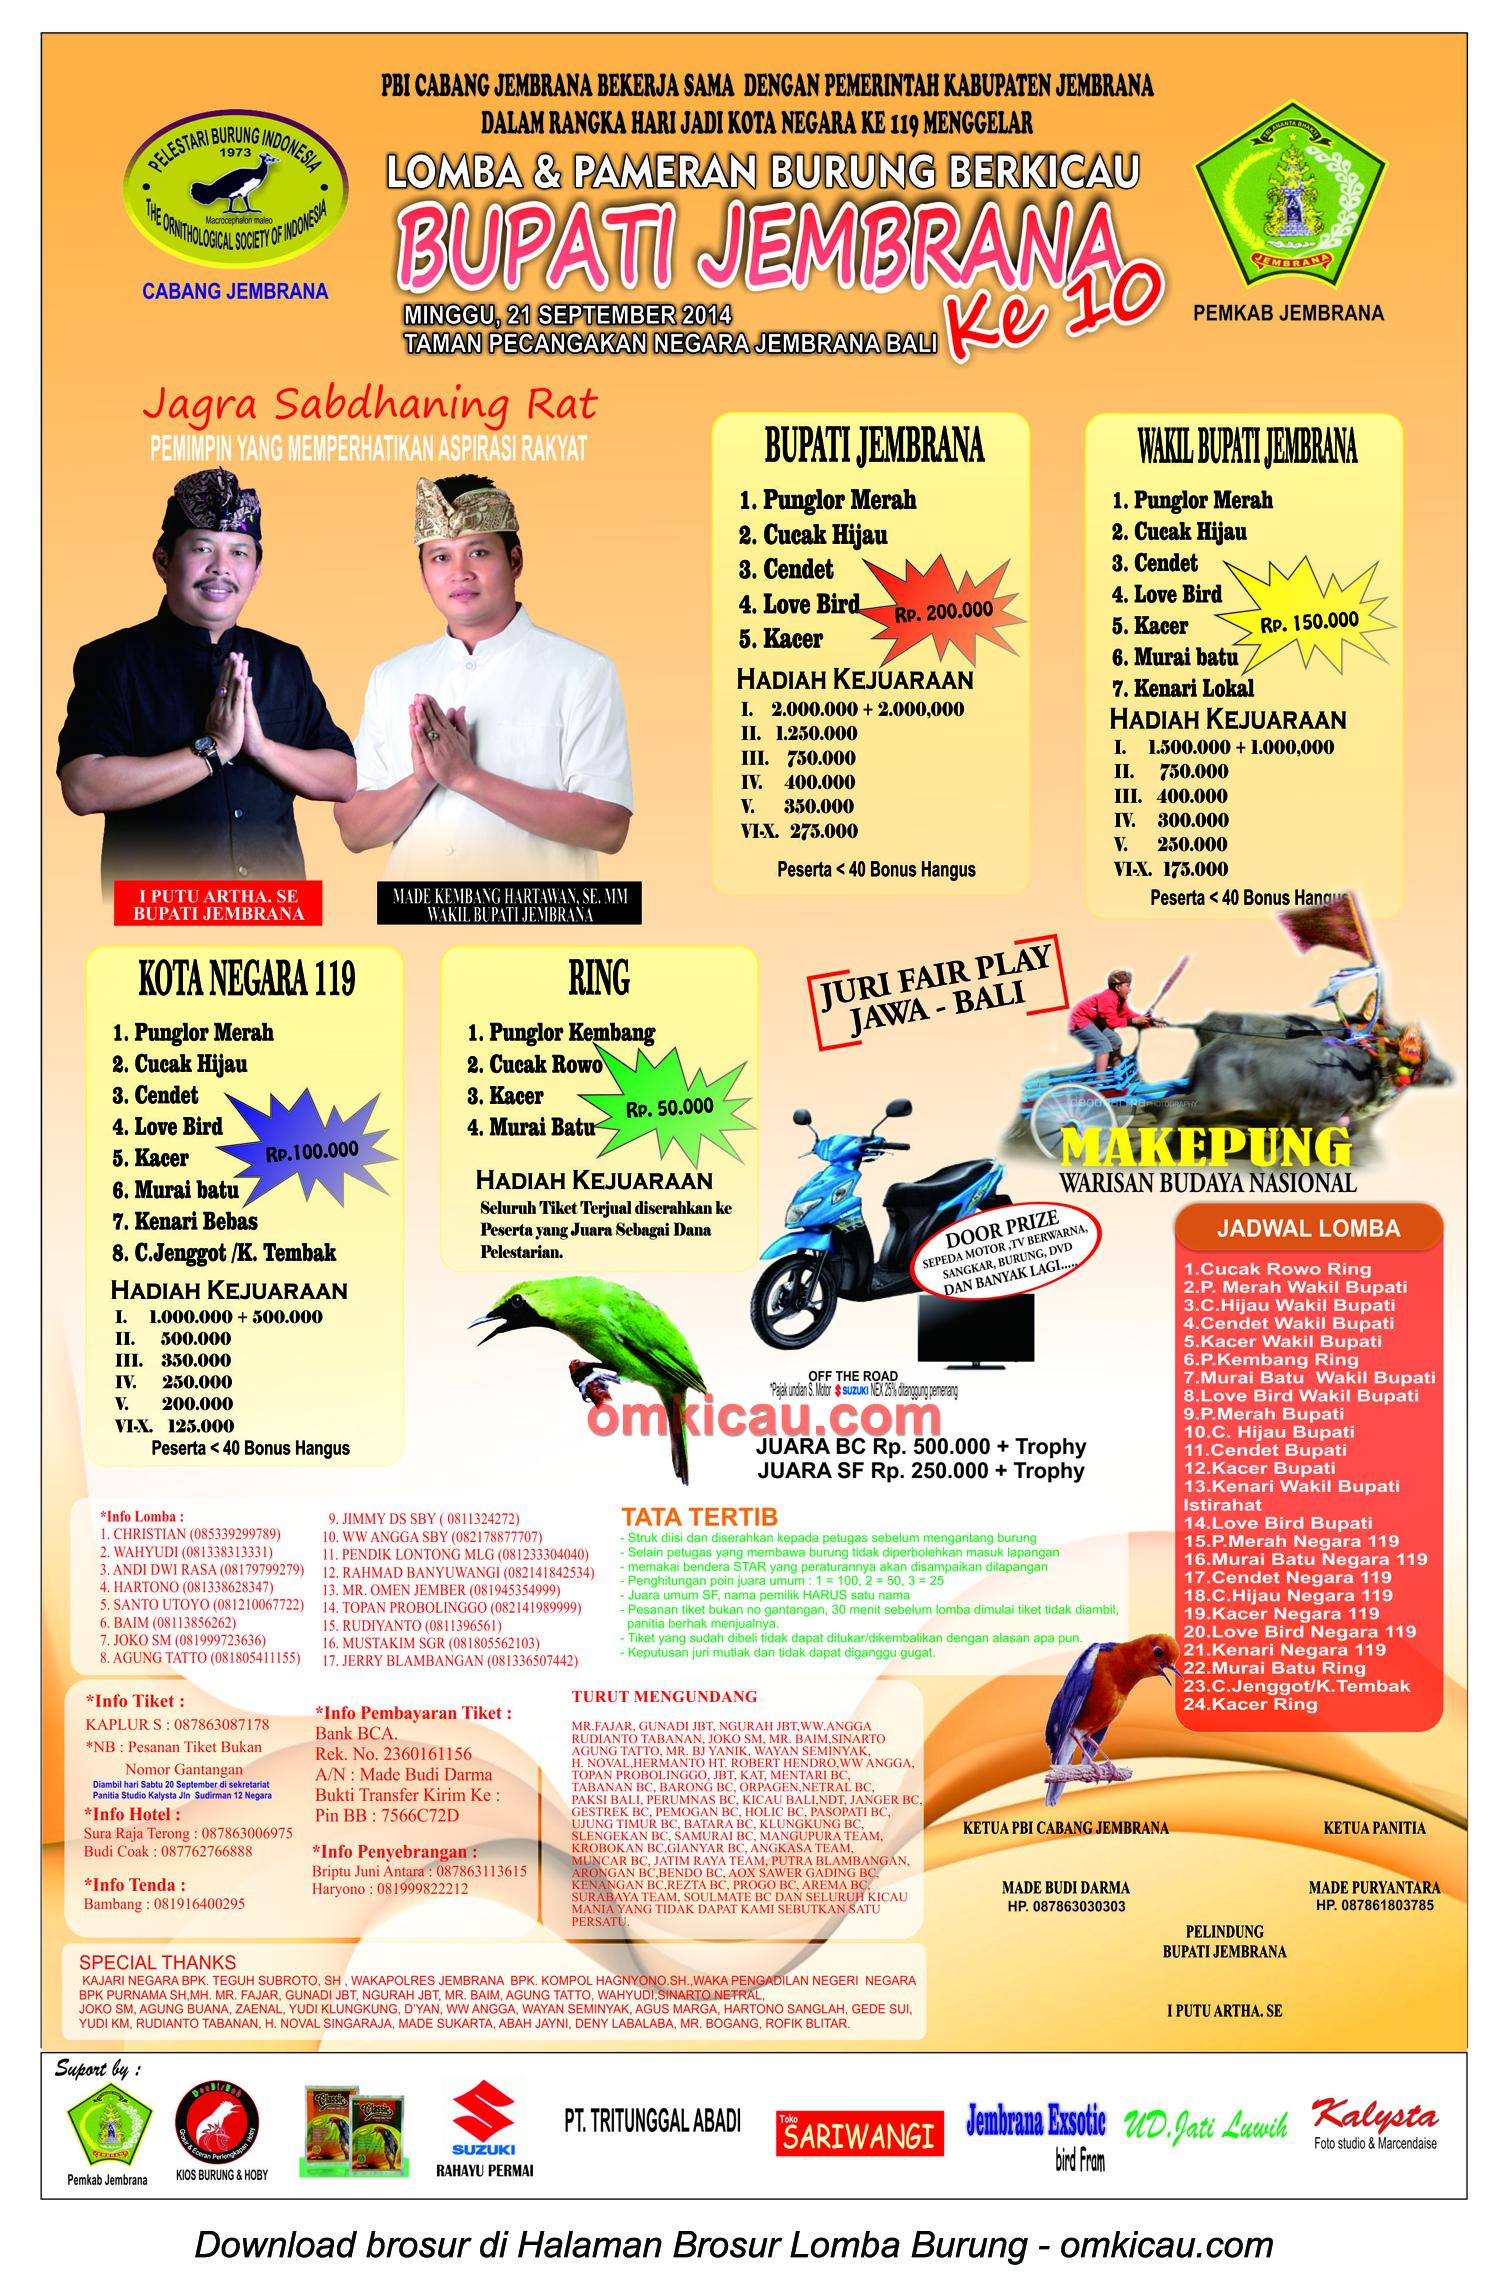 Brosur Lomba Burung Berkicau Bupati Jembrana Ke-10, Jembrana, 21 September 2014